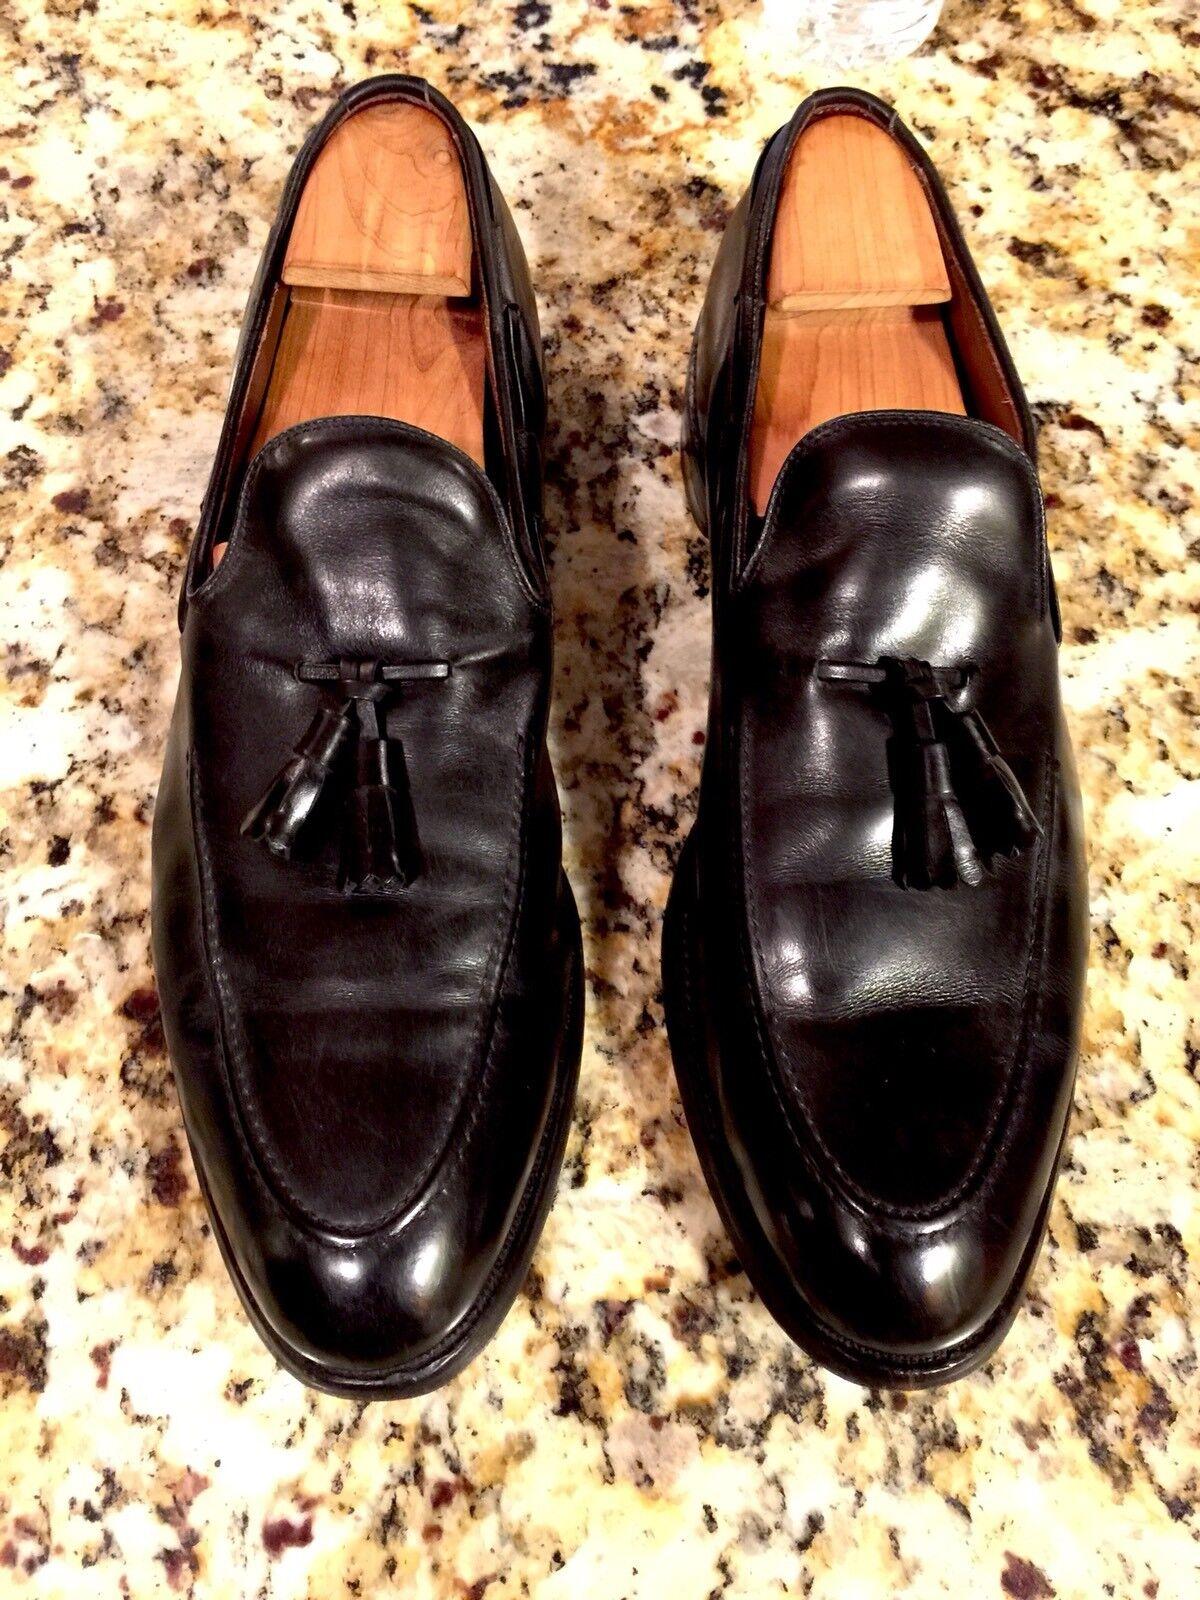 100% nuovo di zecca con qualità originale ALLEN EDMONDS SARATOGA nero Tassel Leather Loafers Uomo Dimensione 12.5 12.5 12.5 AA  grande sconto